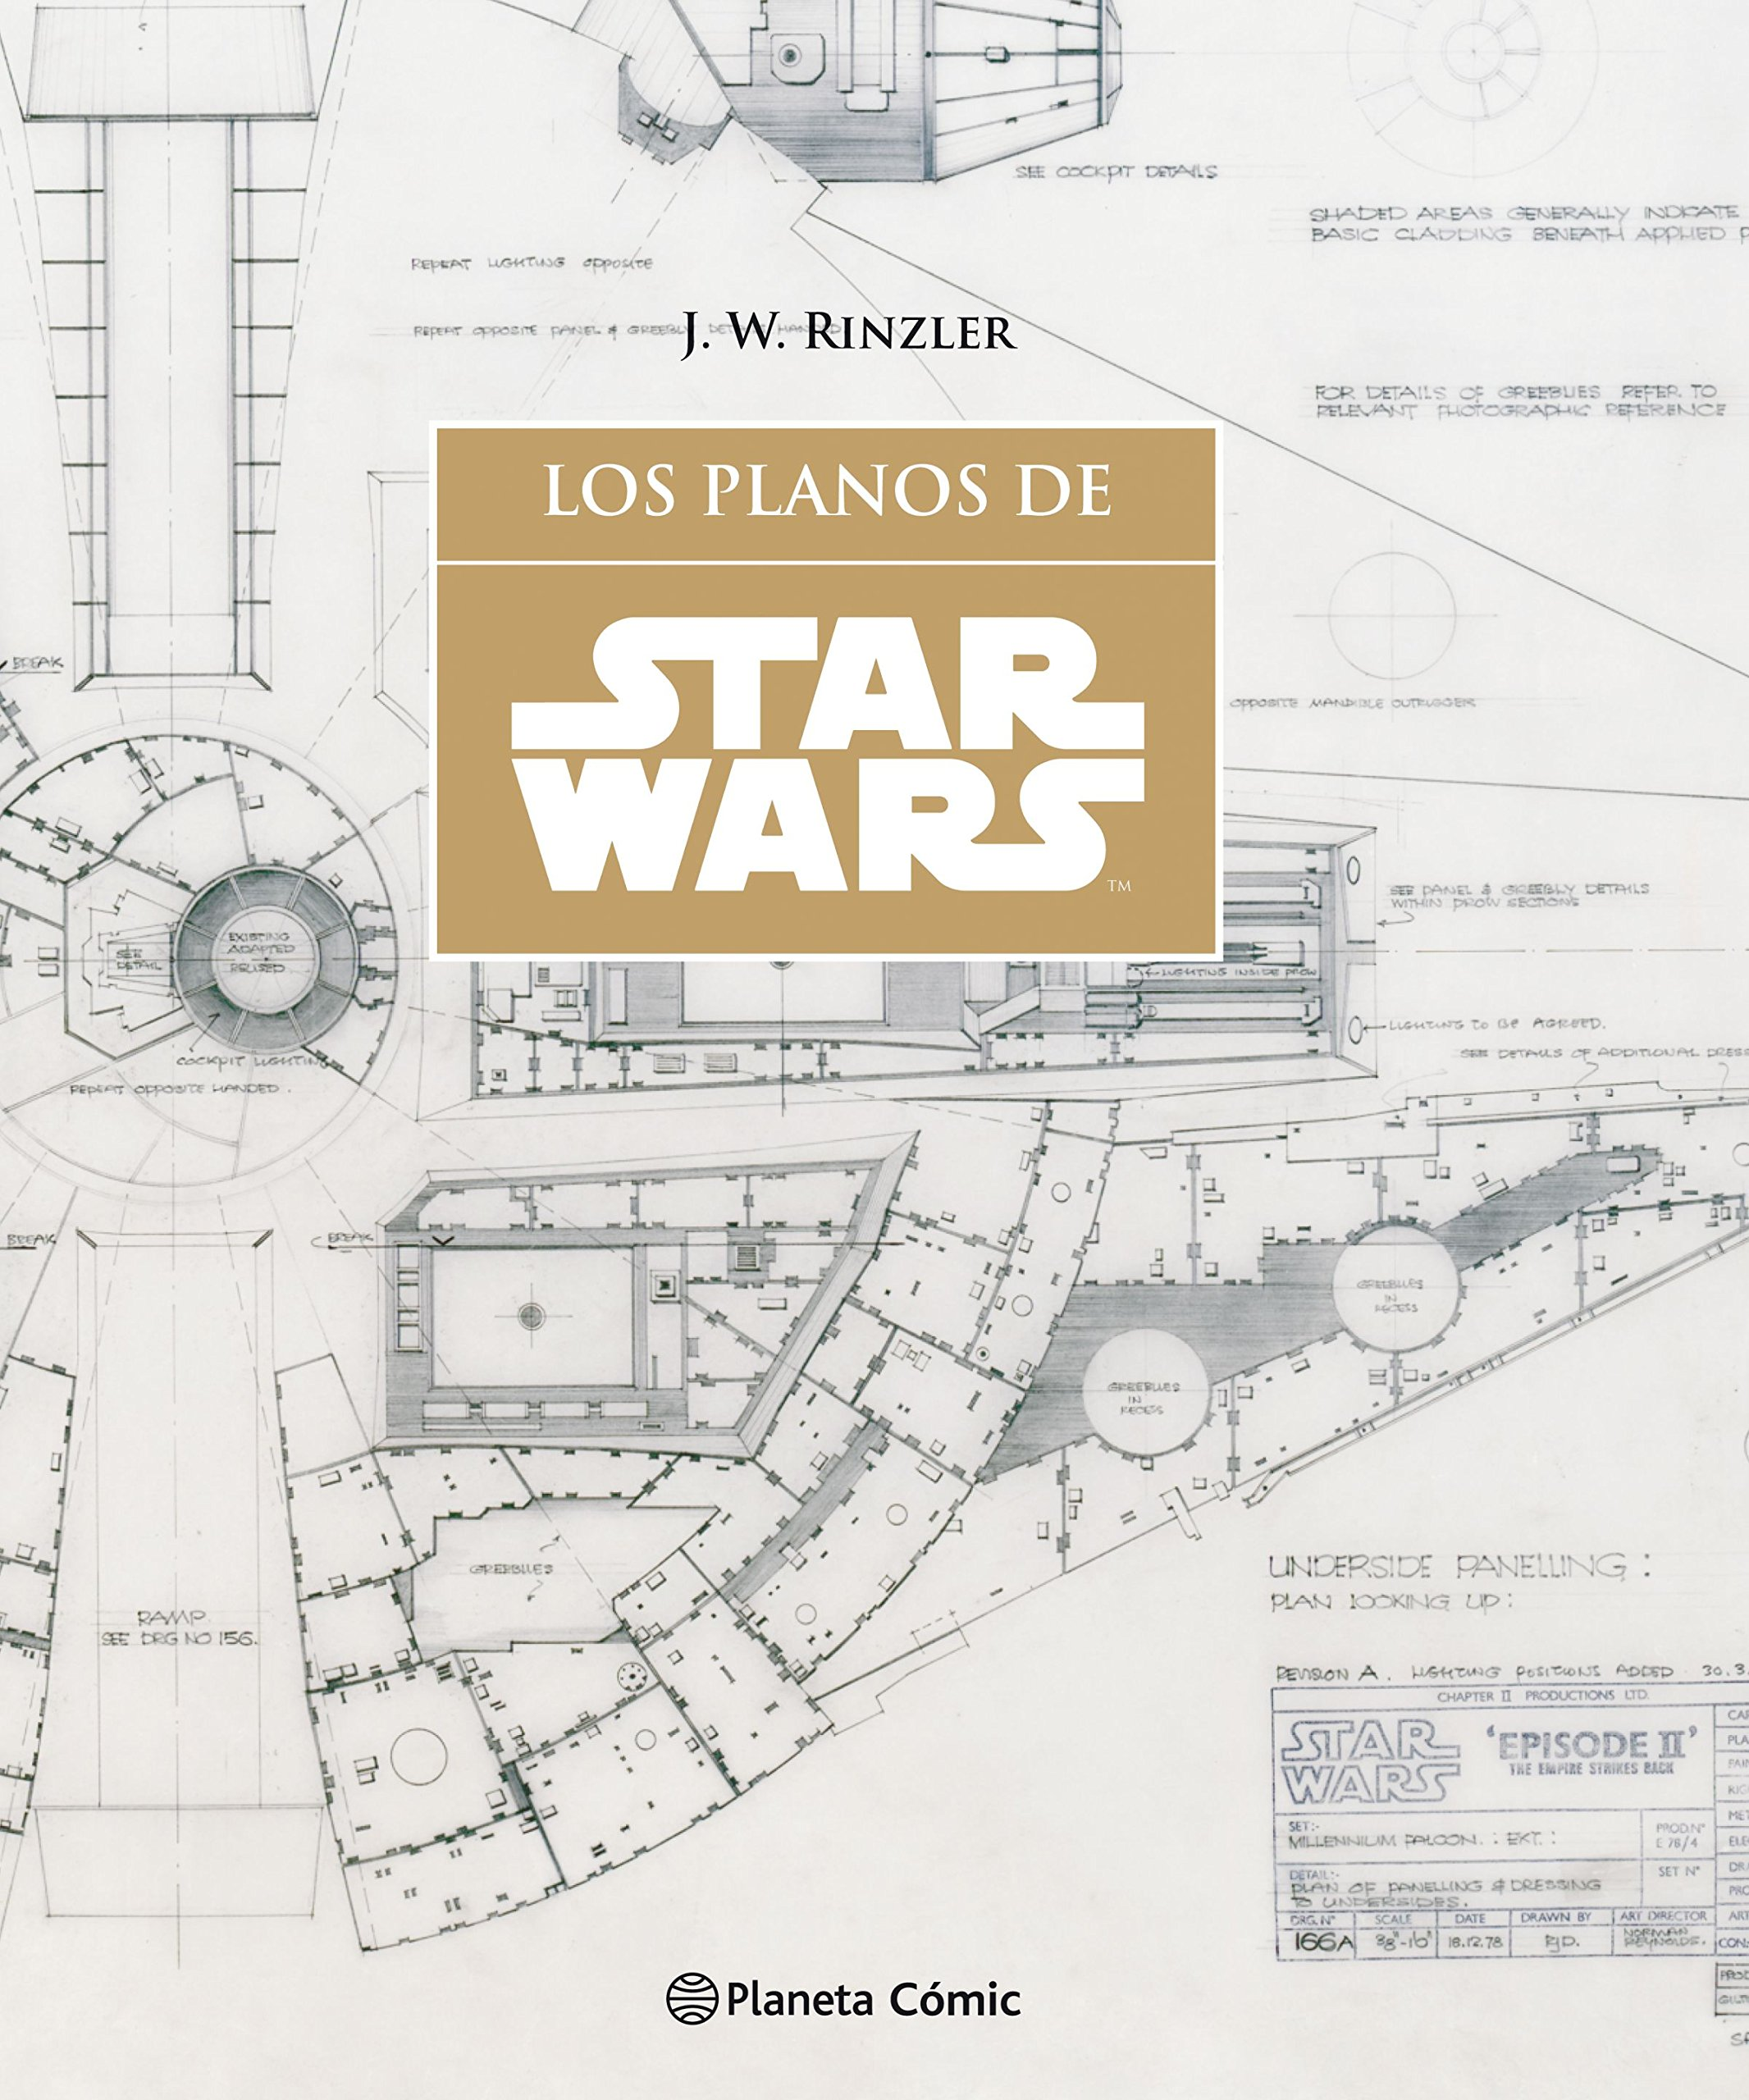 Star Wars Los planos SW Blueprints Star Wars: Guías Ilustradas: Amazon.es: Rinzler, Jonathan W., Bentz, Ignacio: Libros